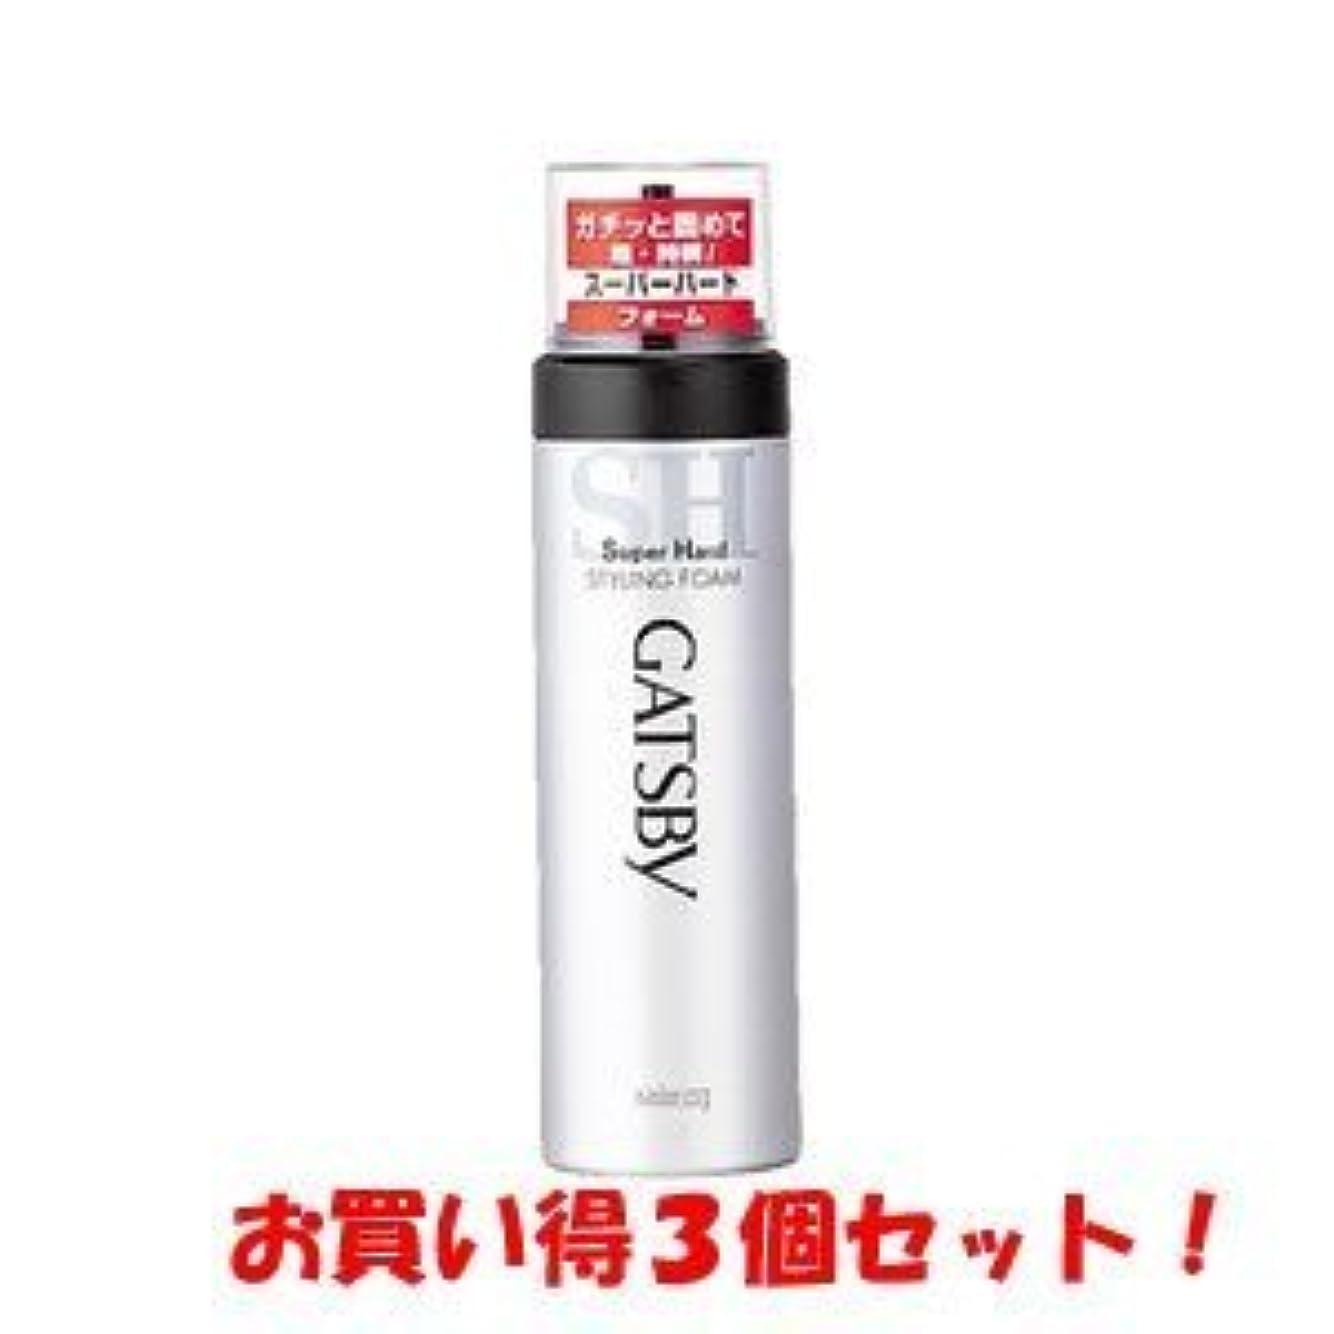 アスリートインタフェース破滅的なギャツビー【GATSBY】スタイリングフォーム スーパーハード 185g(お買い得3個セット)